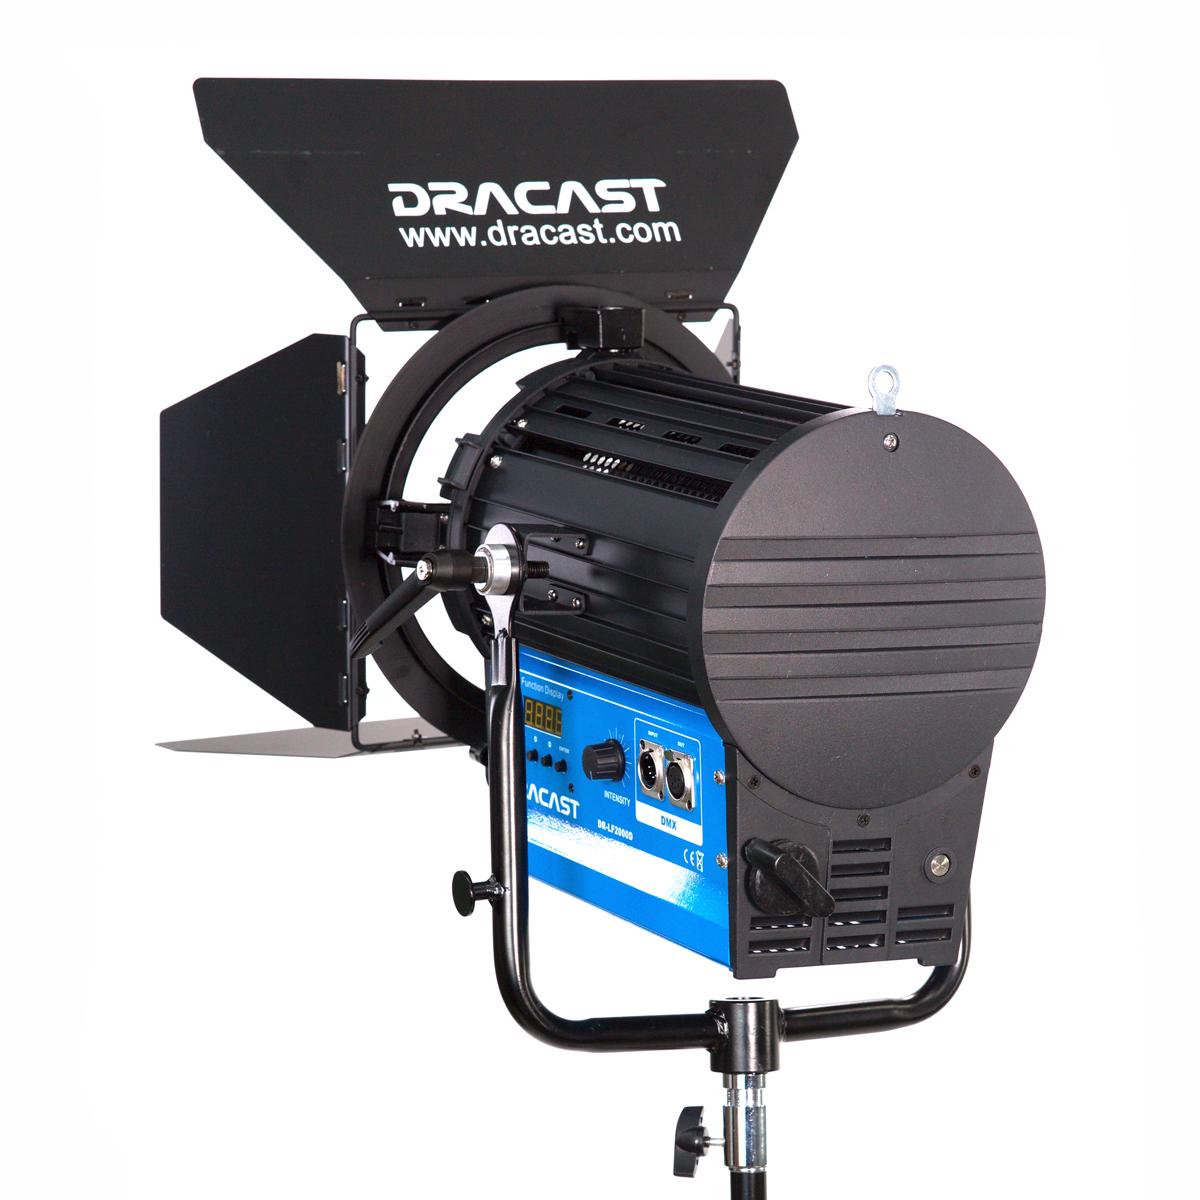 dracast-fresnel-5000-b